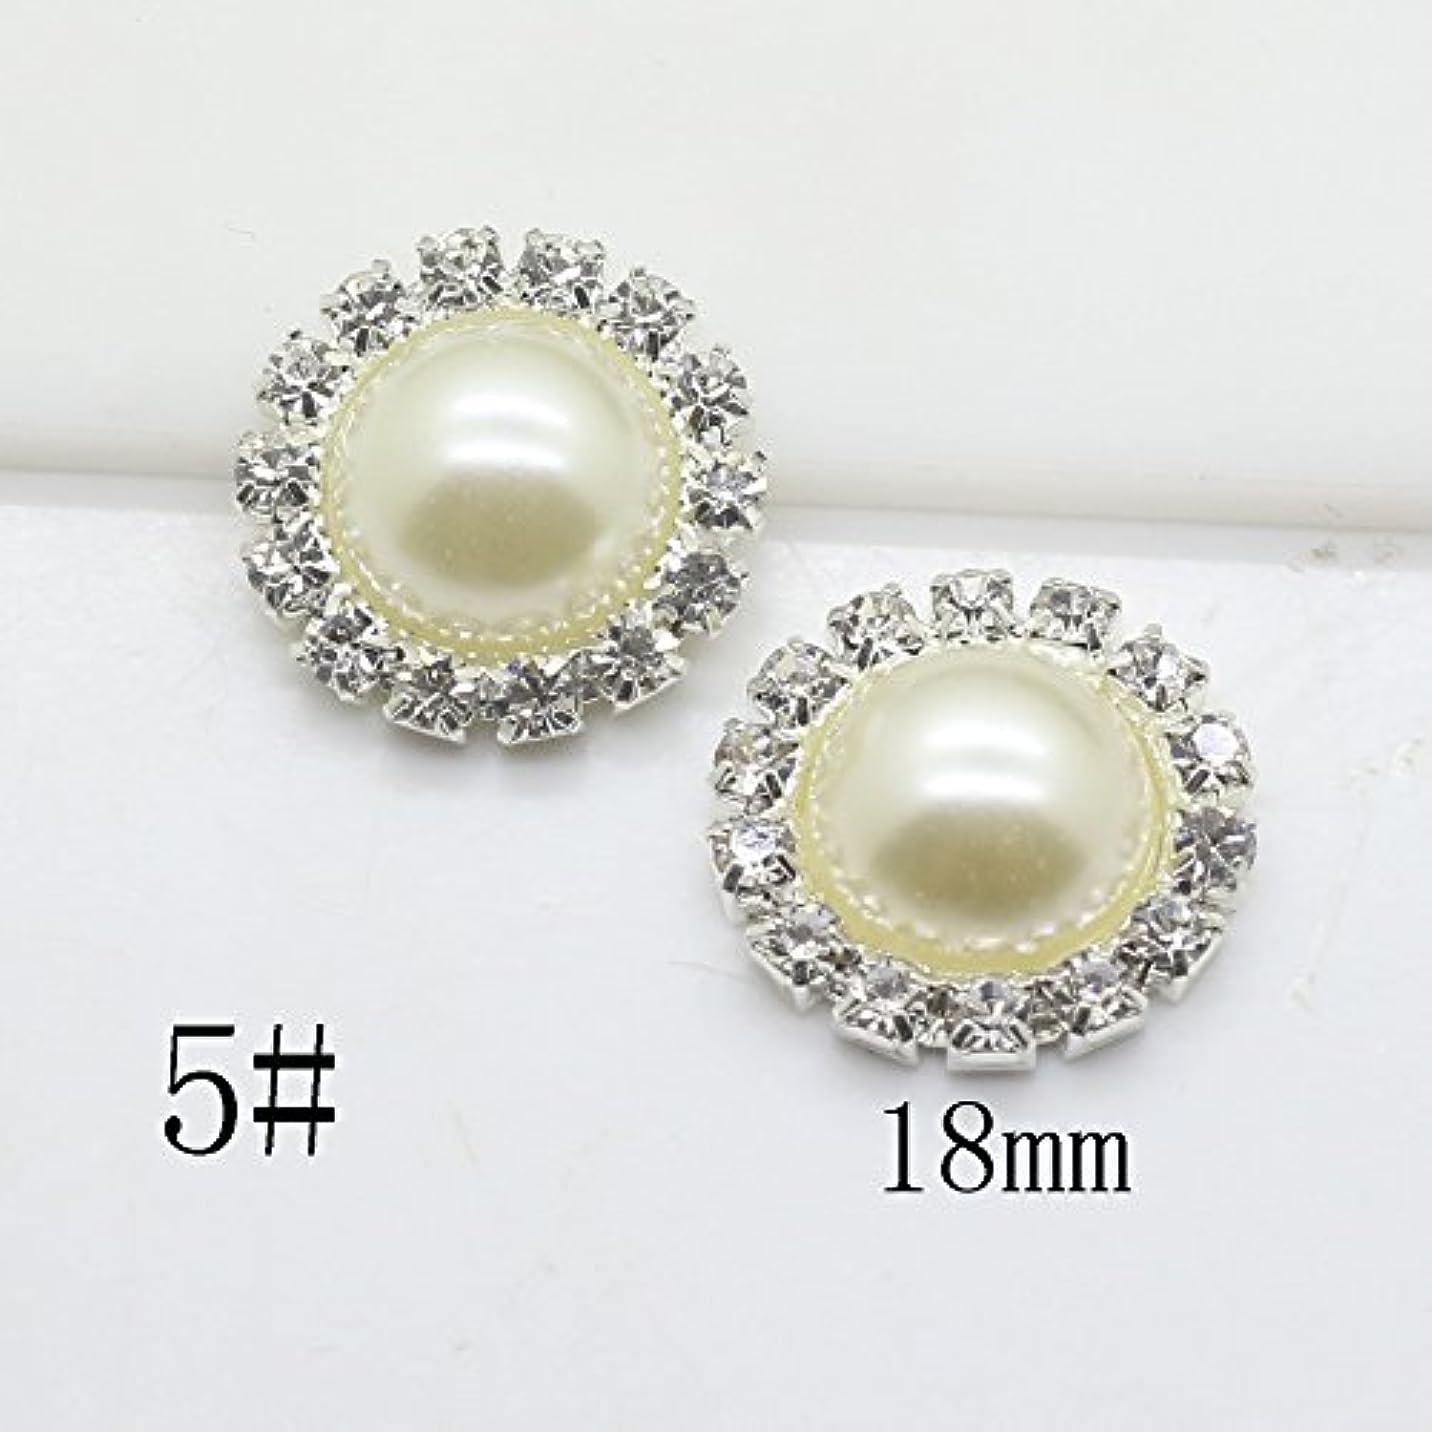 メンタルとげのある直径Jicorzoは - 10PCアイボリーパールラインストーンボタン金属の結婚式の招待状は、スクラップブック作り、ボタンインチキヘアフラワーセンターを飾る[いいえ5]